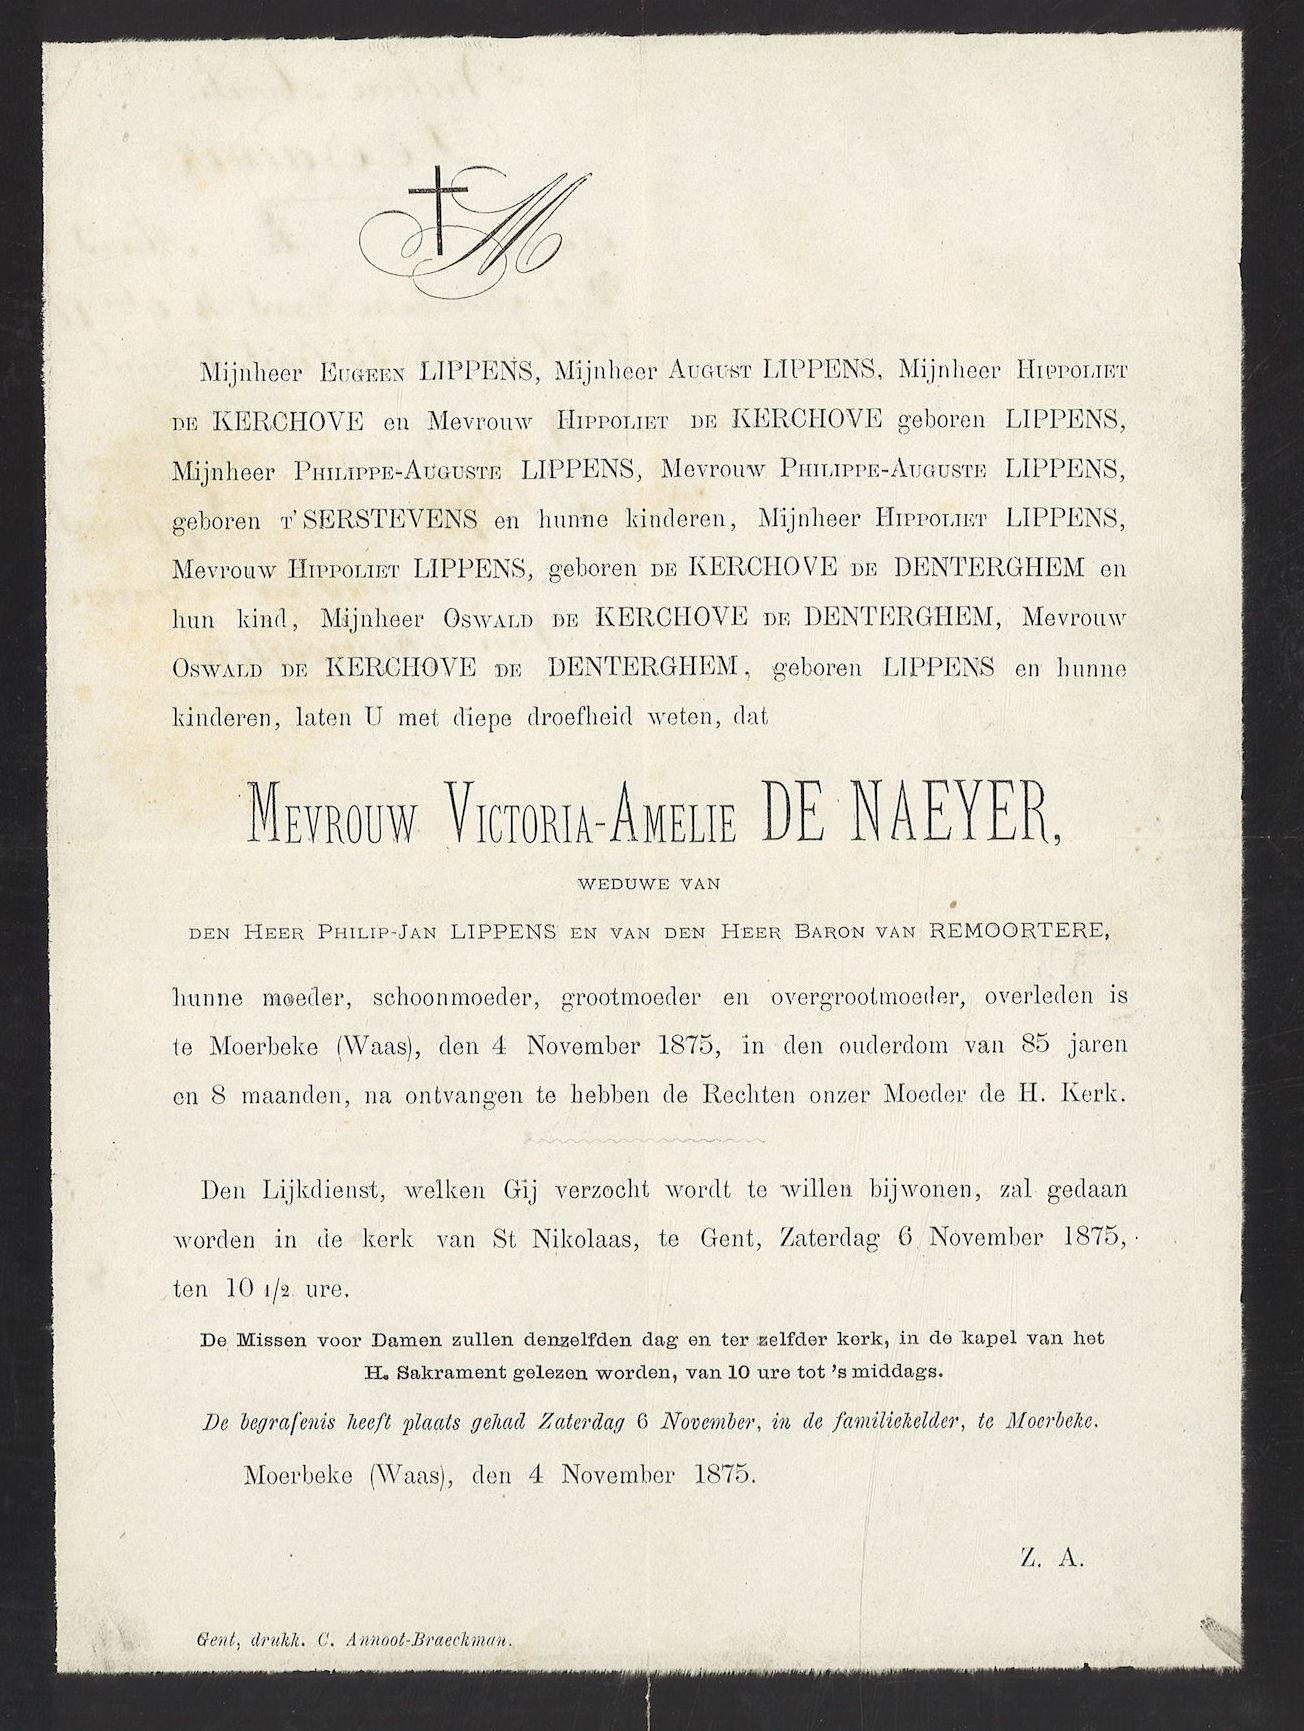 Victoria-Amelie De Naeyer